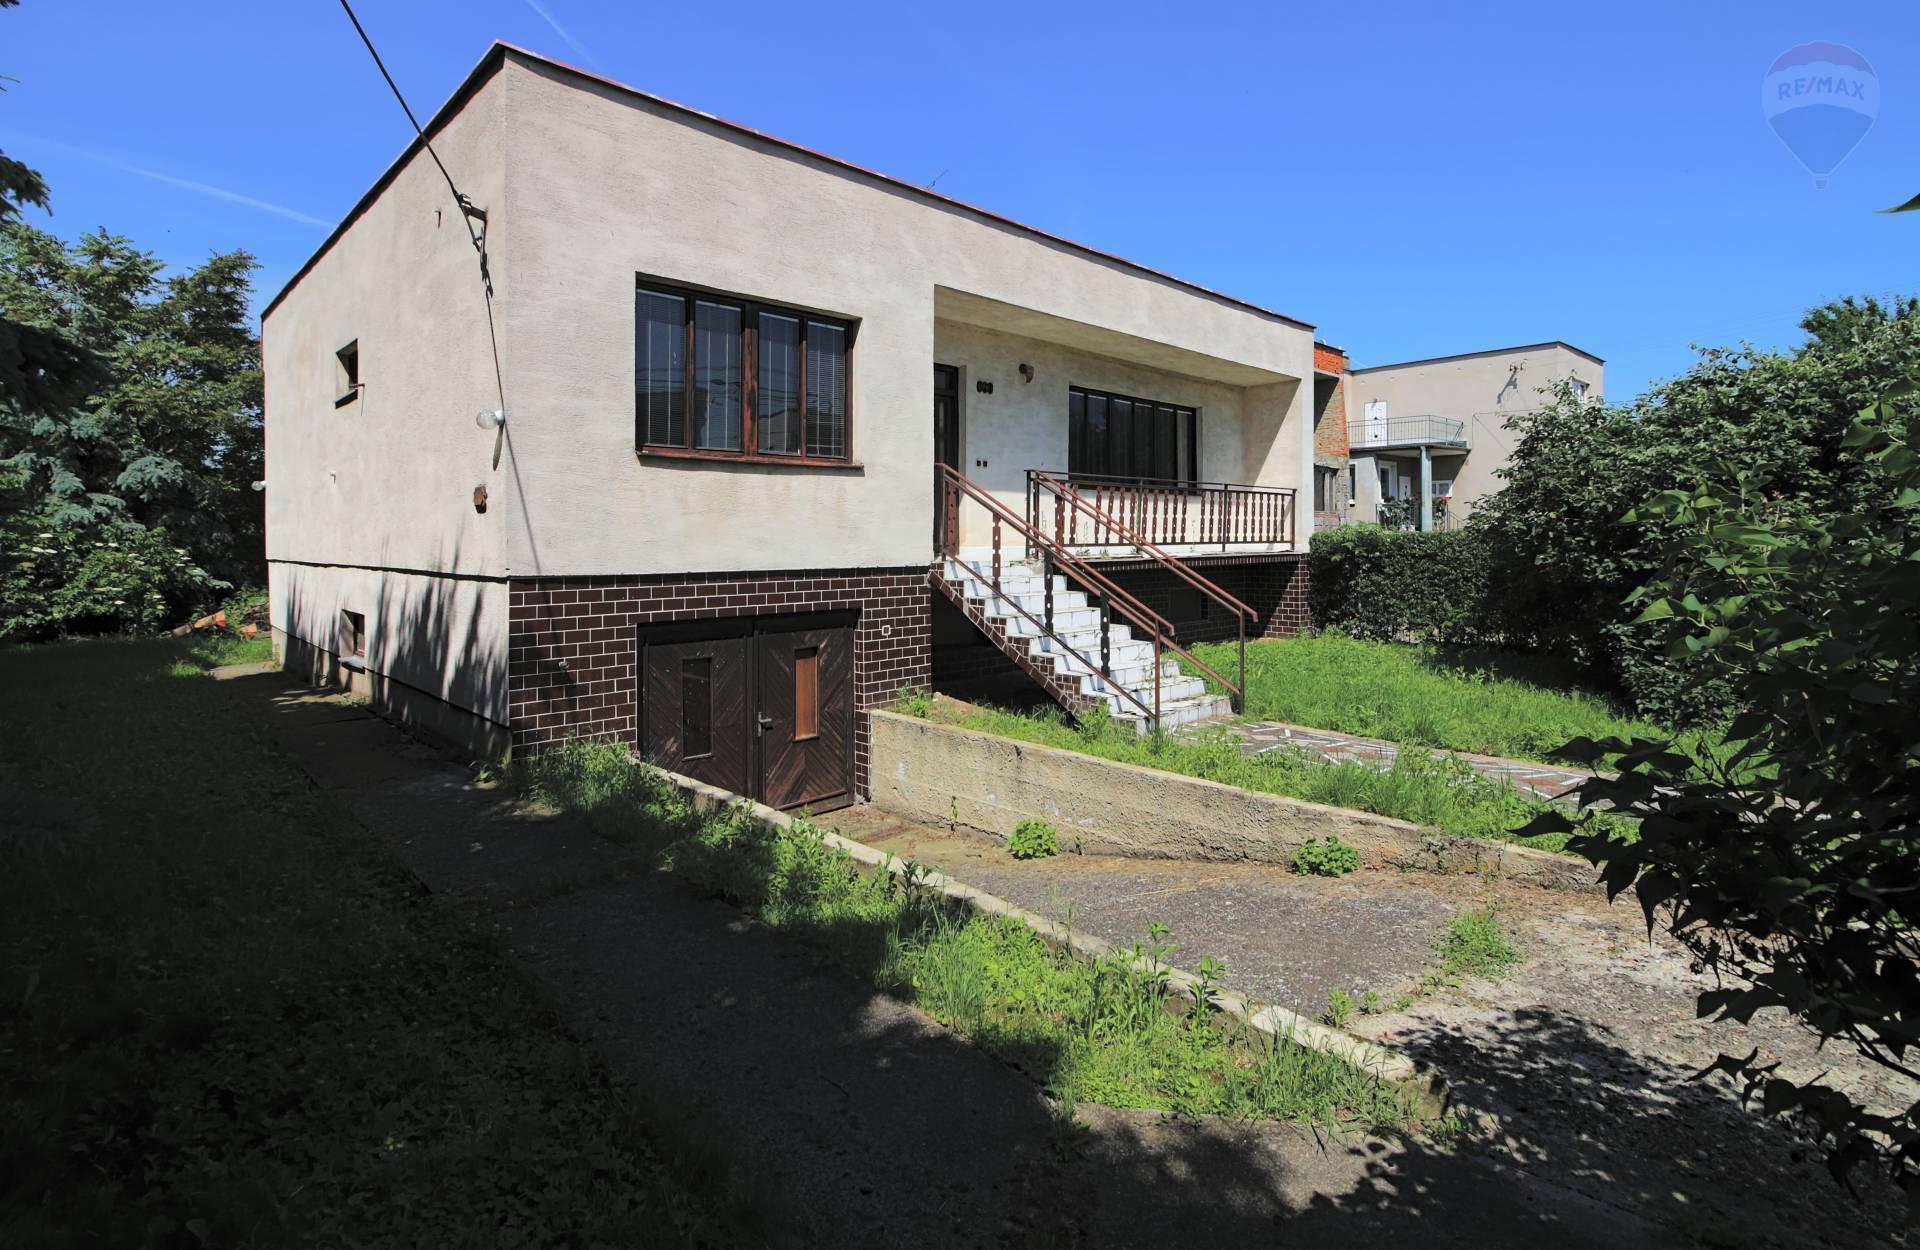 Predaj domu 210 m2, Veľký Cetín - NA PREDAJ RODINNÝ DOM, VEĽKÝ CETÍN